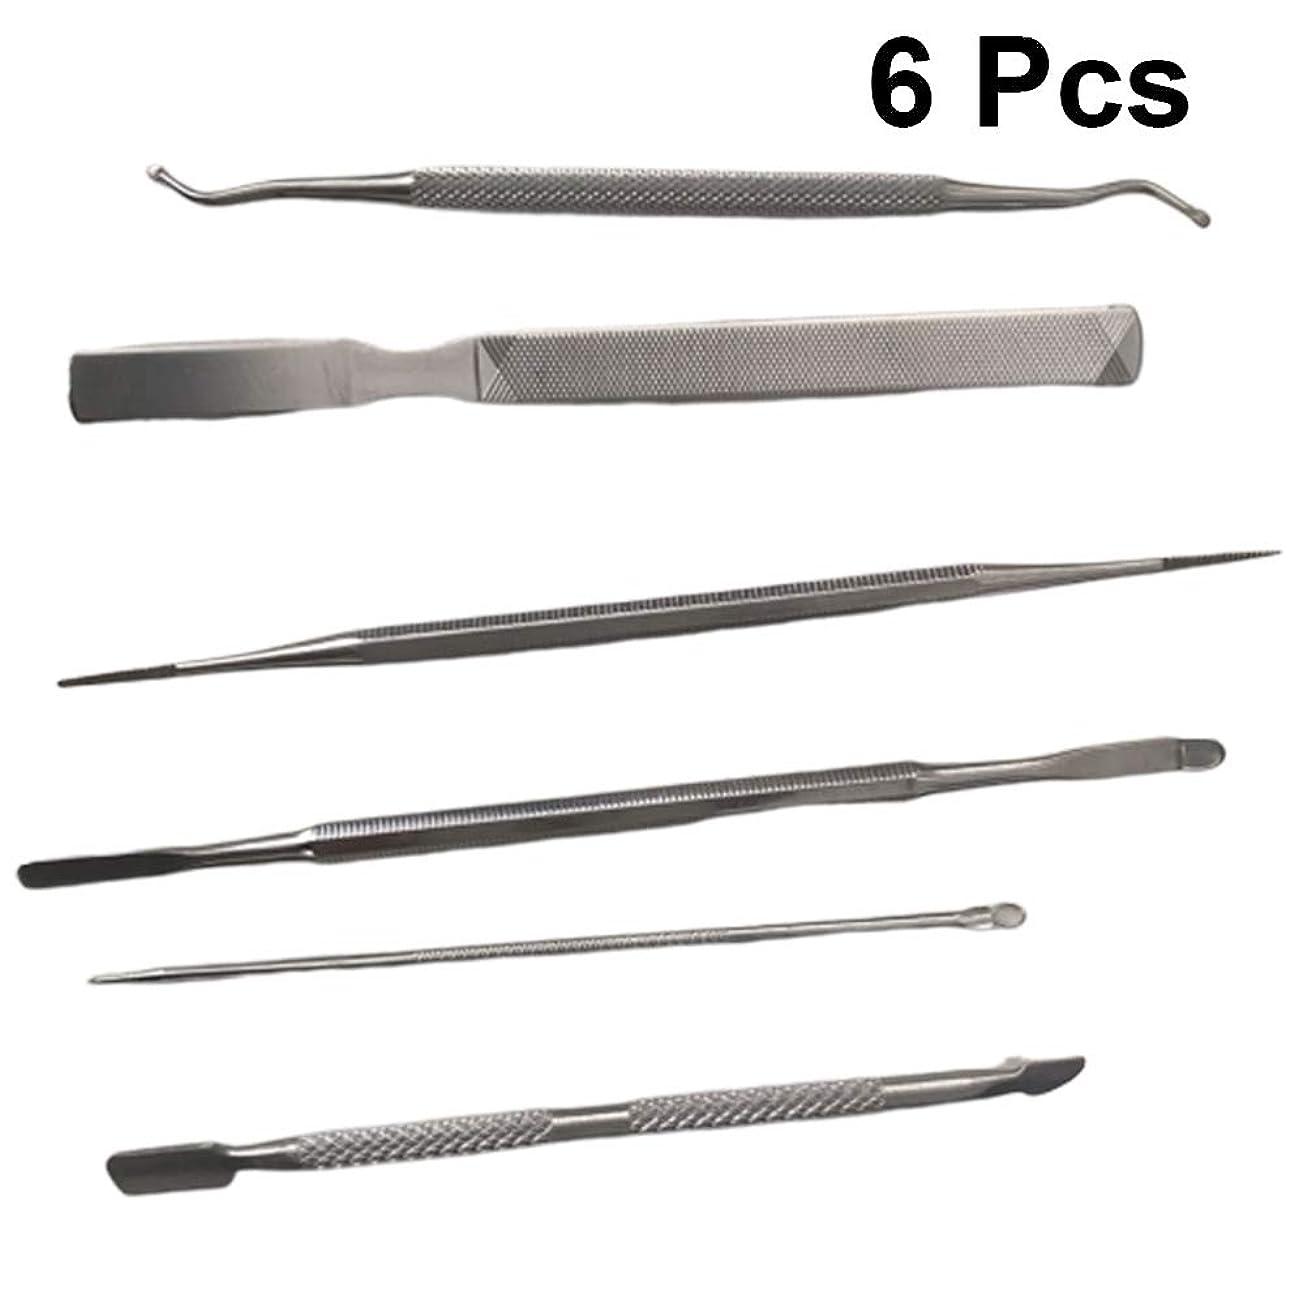 整理するまばたき敷居Lurrose 6ピースマニキュアペディキュアツールセットプロのステンレス鋼ネイルツールキューティクルニッパープッシャーに成長した爪のファイルネイルアートキット用爪爪